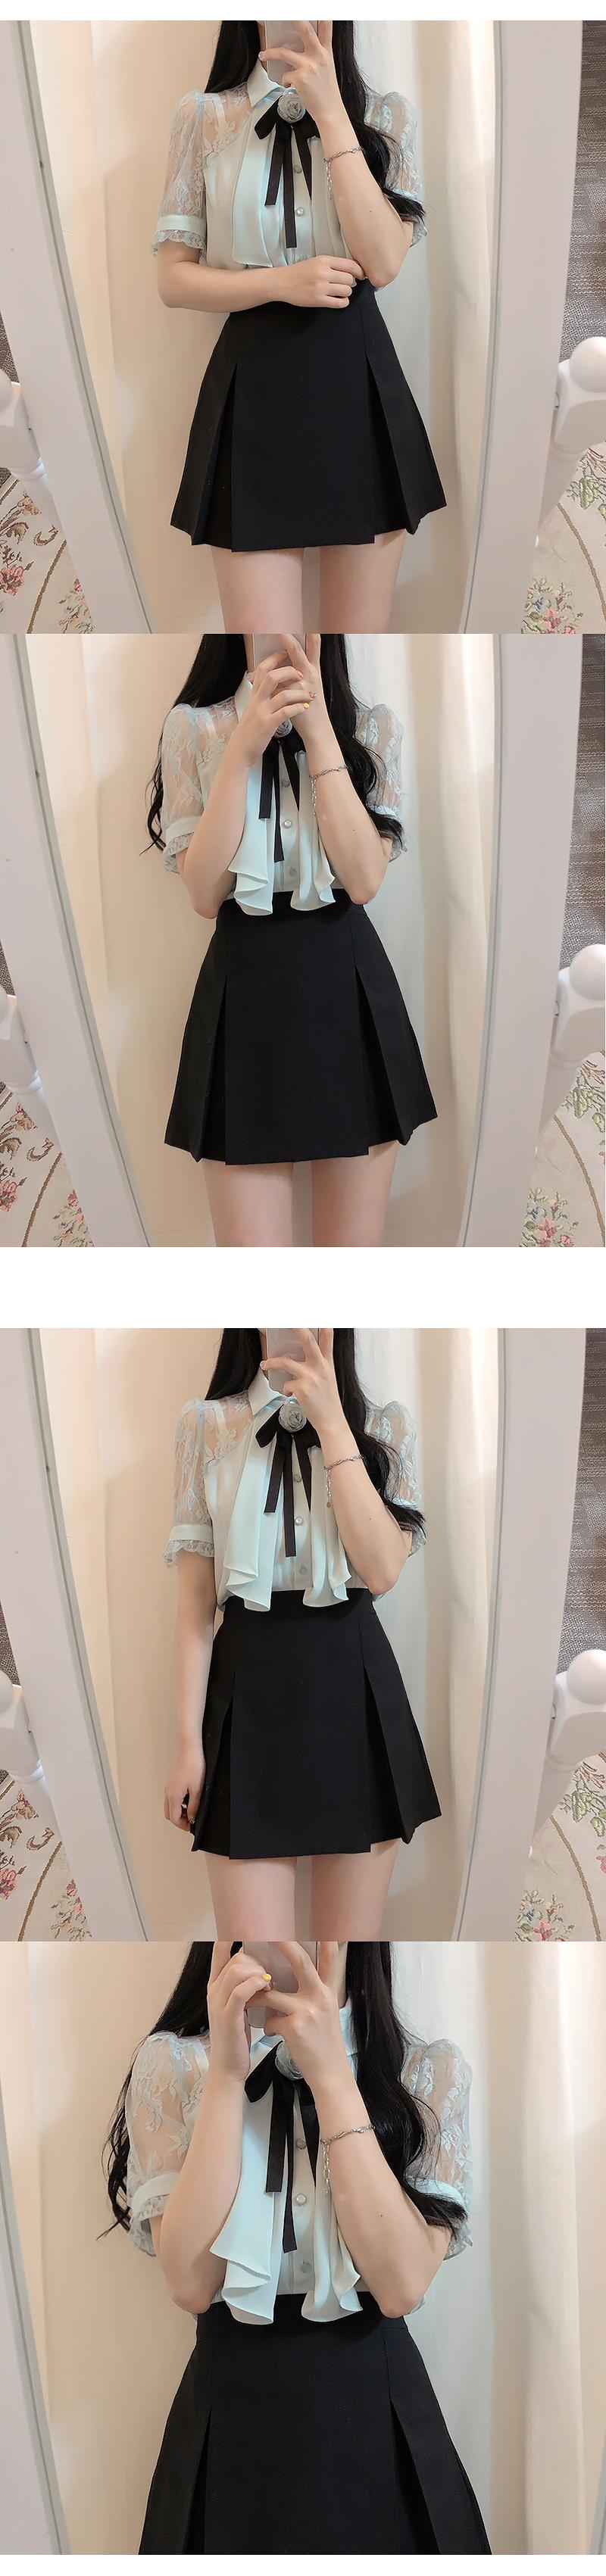 Corsage set lojun lace blouse